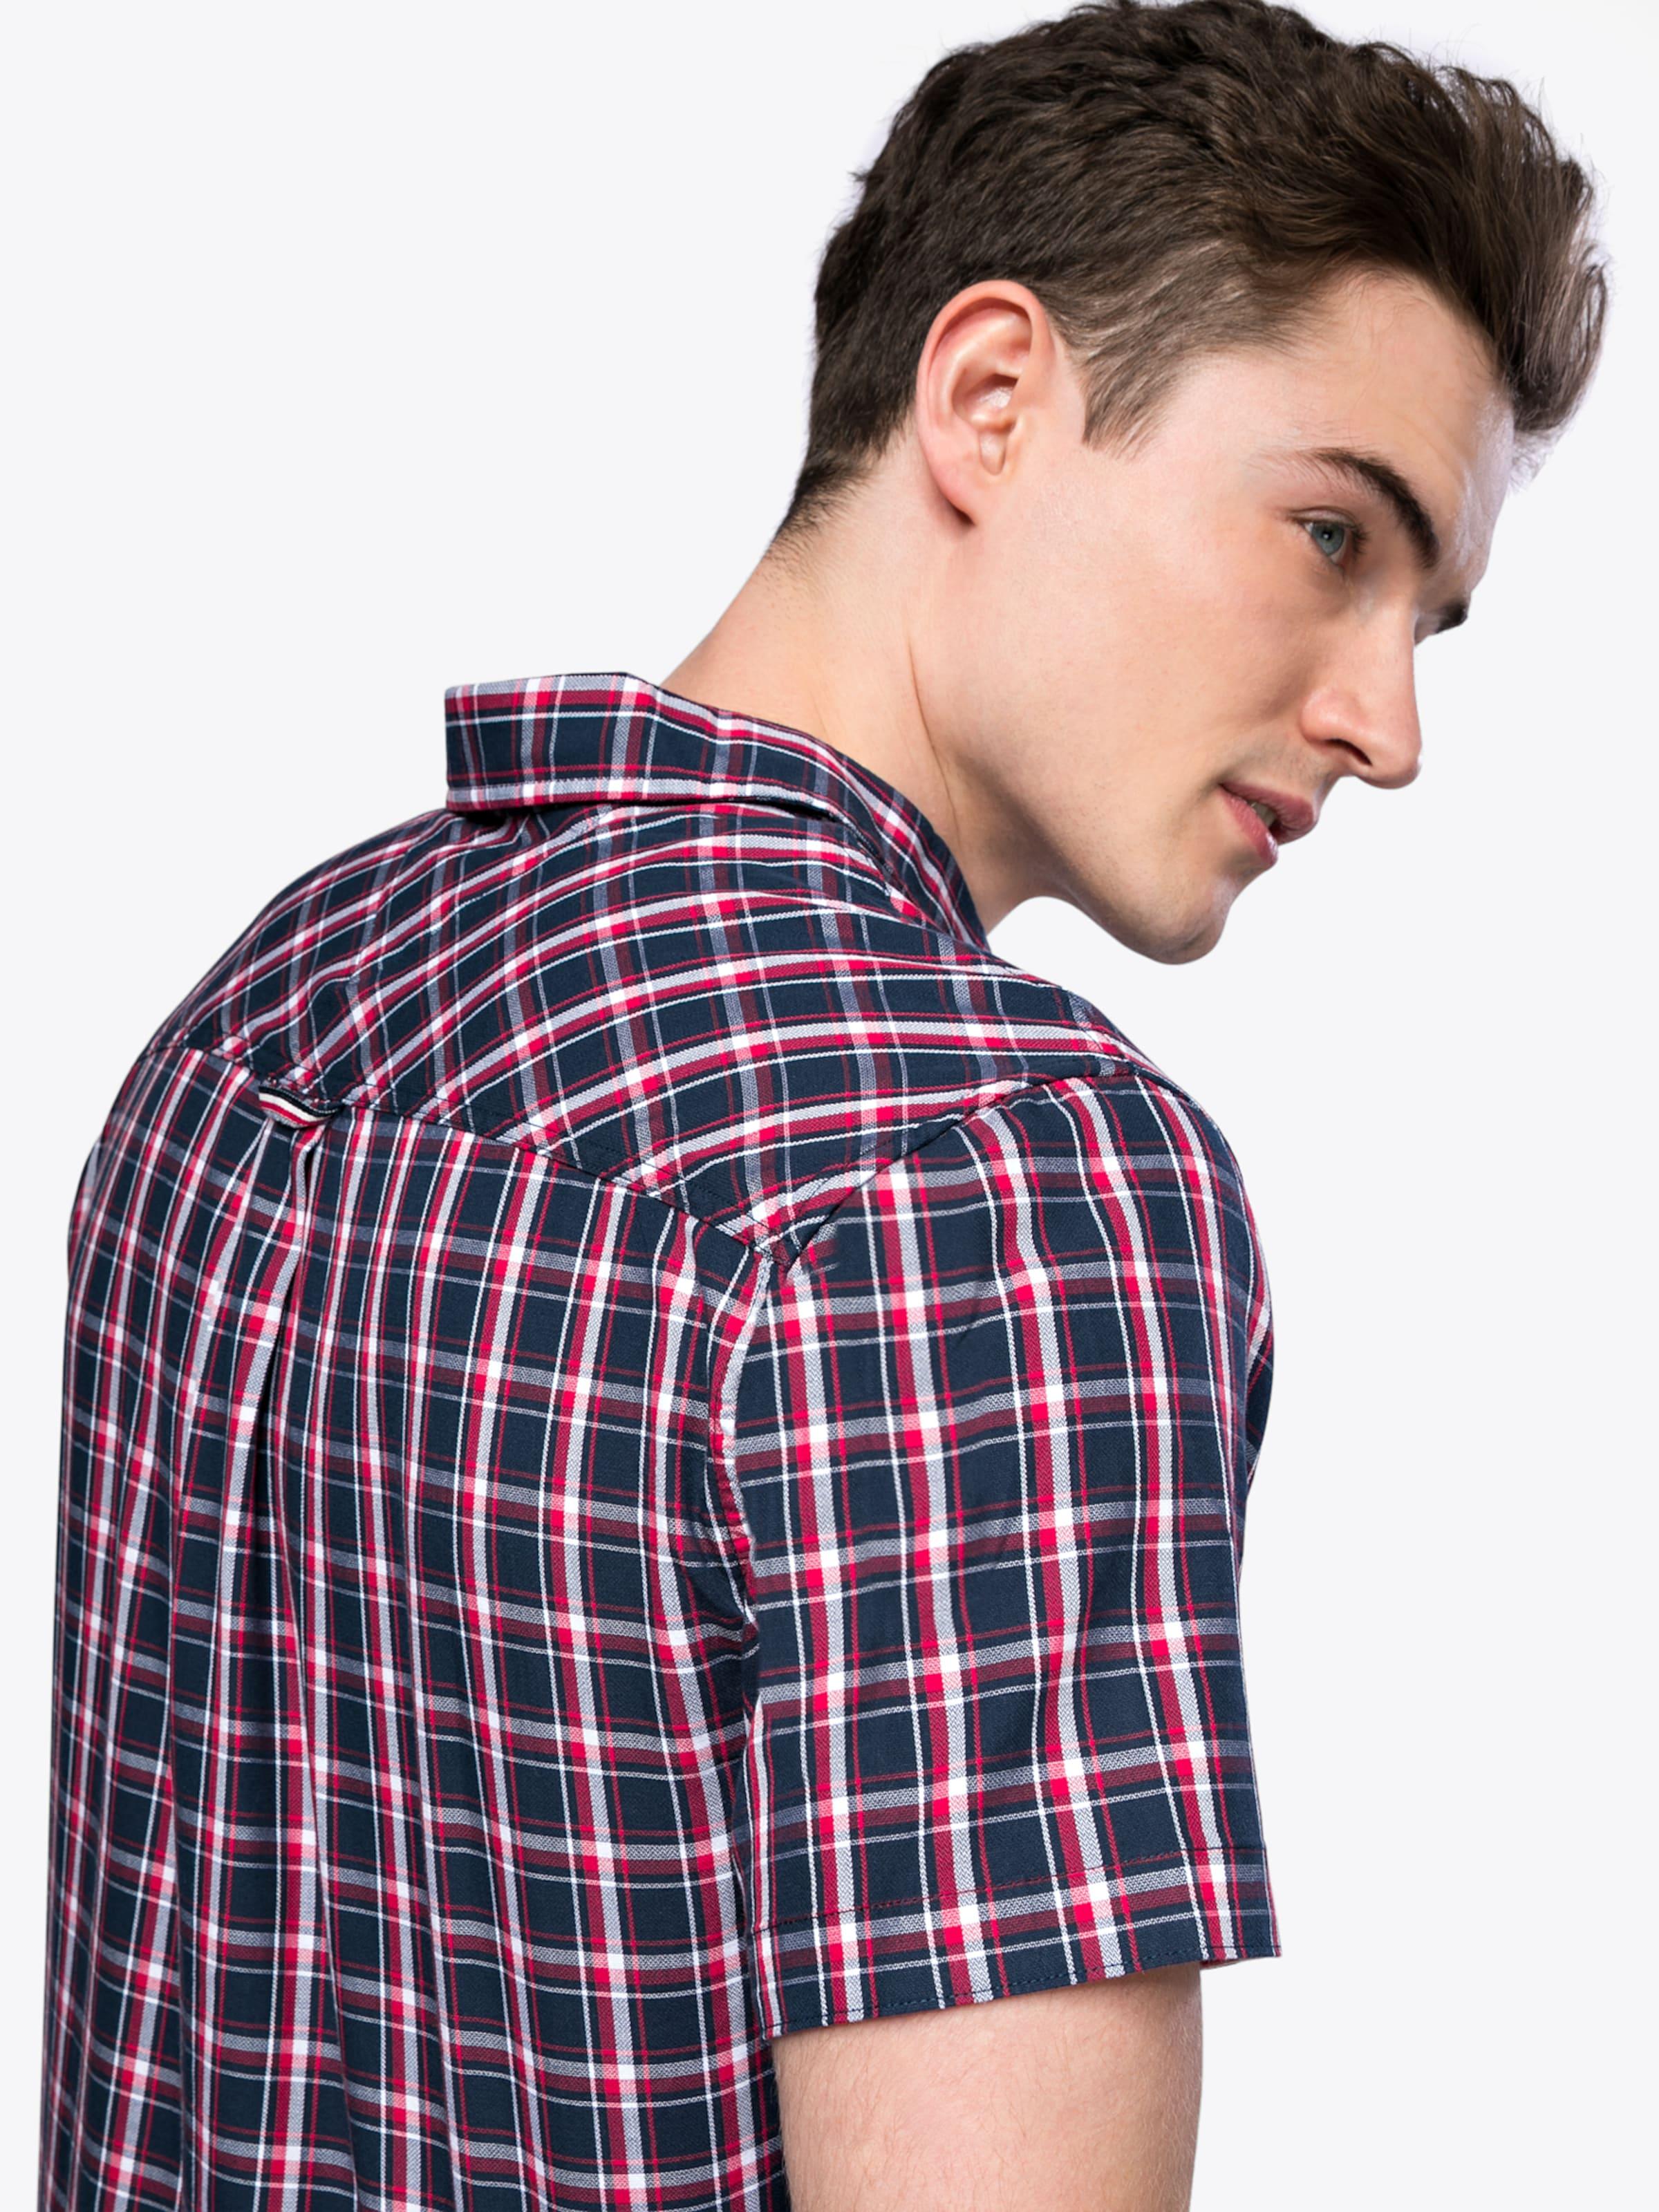 Verkauf 2018 Tommy Jeans Hemd 'TJM ESSENTIAL CHECK SHORT SLEEVE SHIRT' Billiges Countdown-Paket Klassisch Online-Shopping-Outlet Verkauf lufXPvbQ